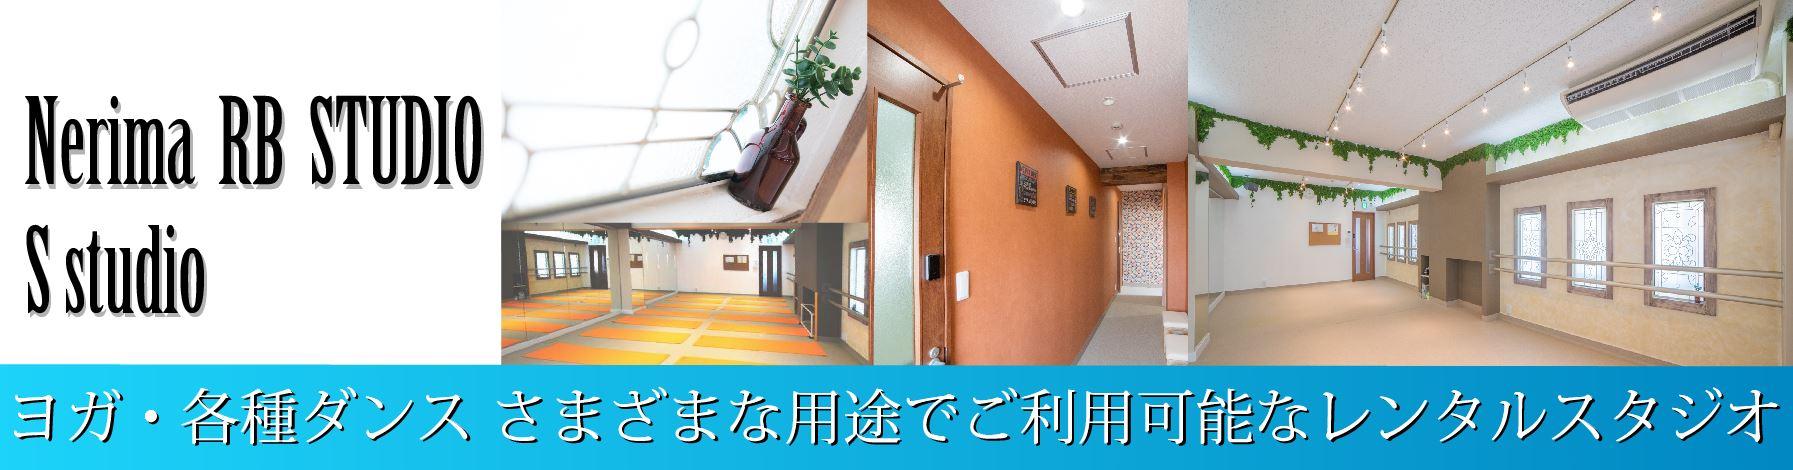 練馬のキッズダンス 体操 武道に使えるレンタルスタジオ